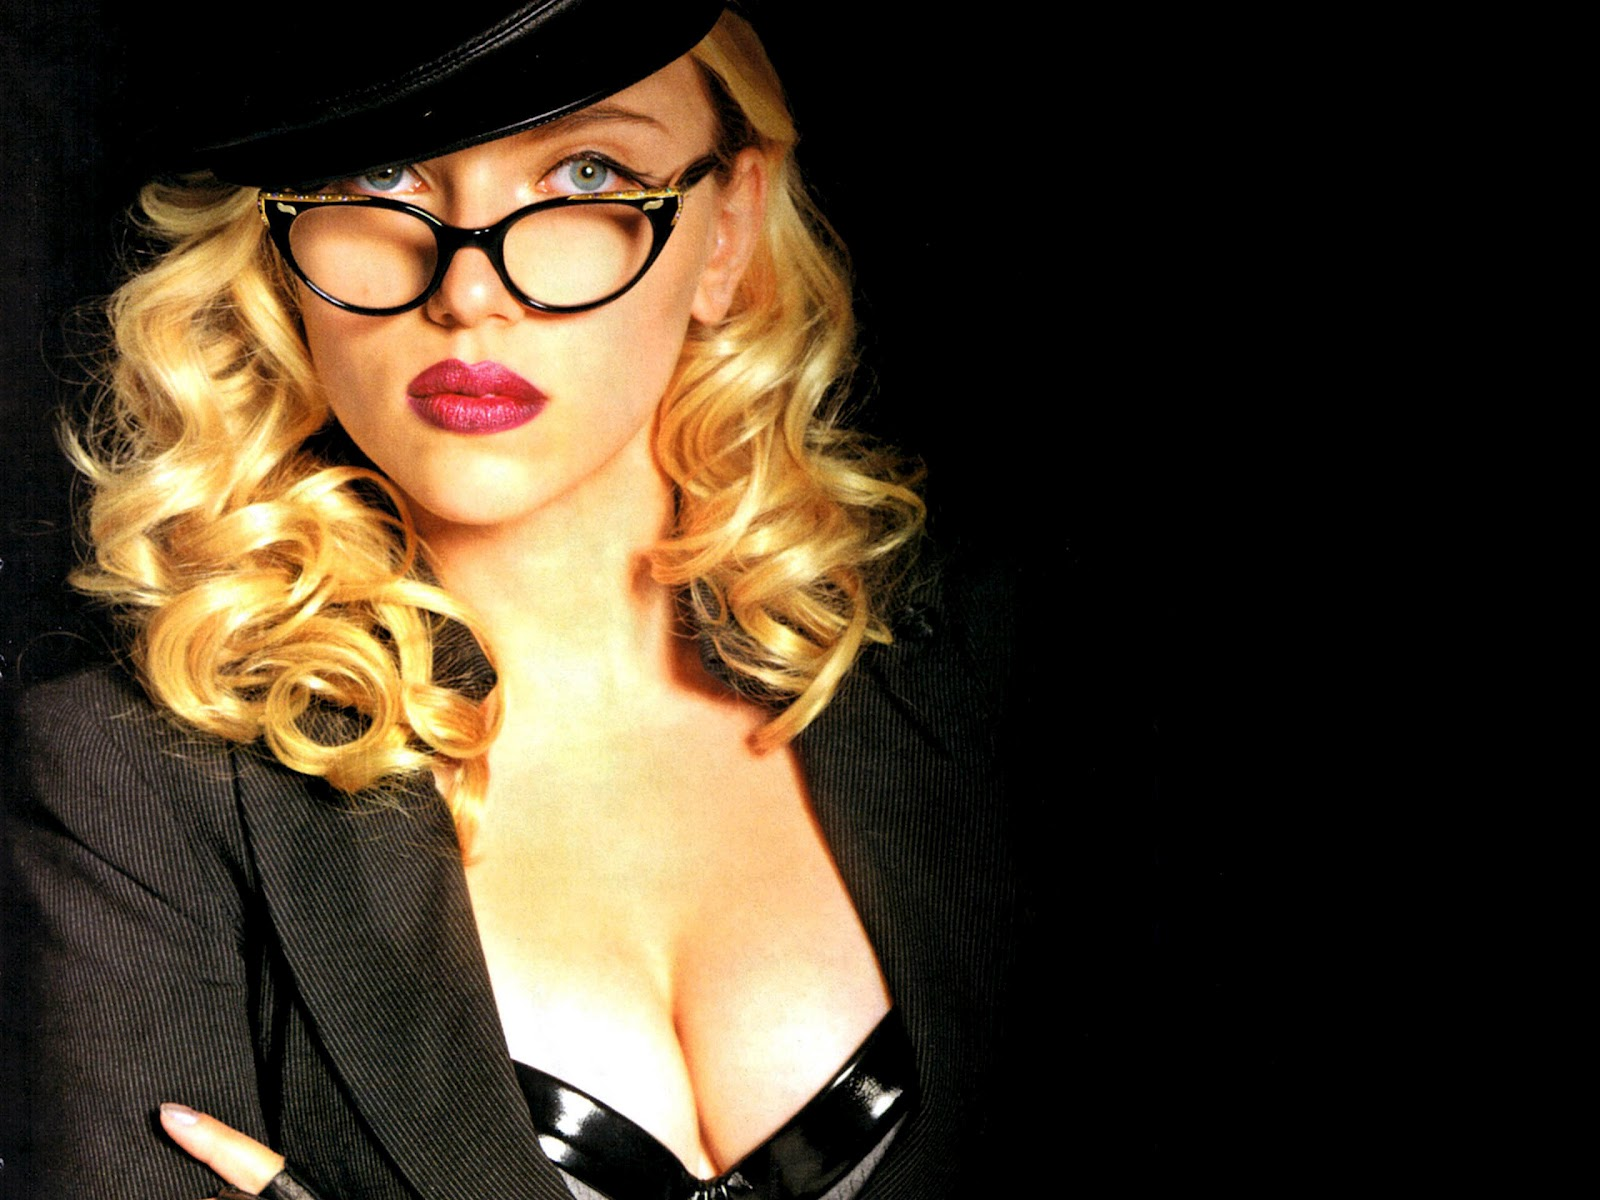 Scarlett Johansson Wallpaper